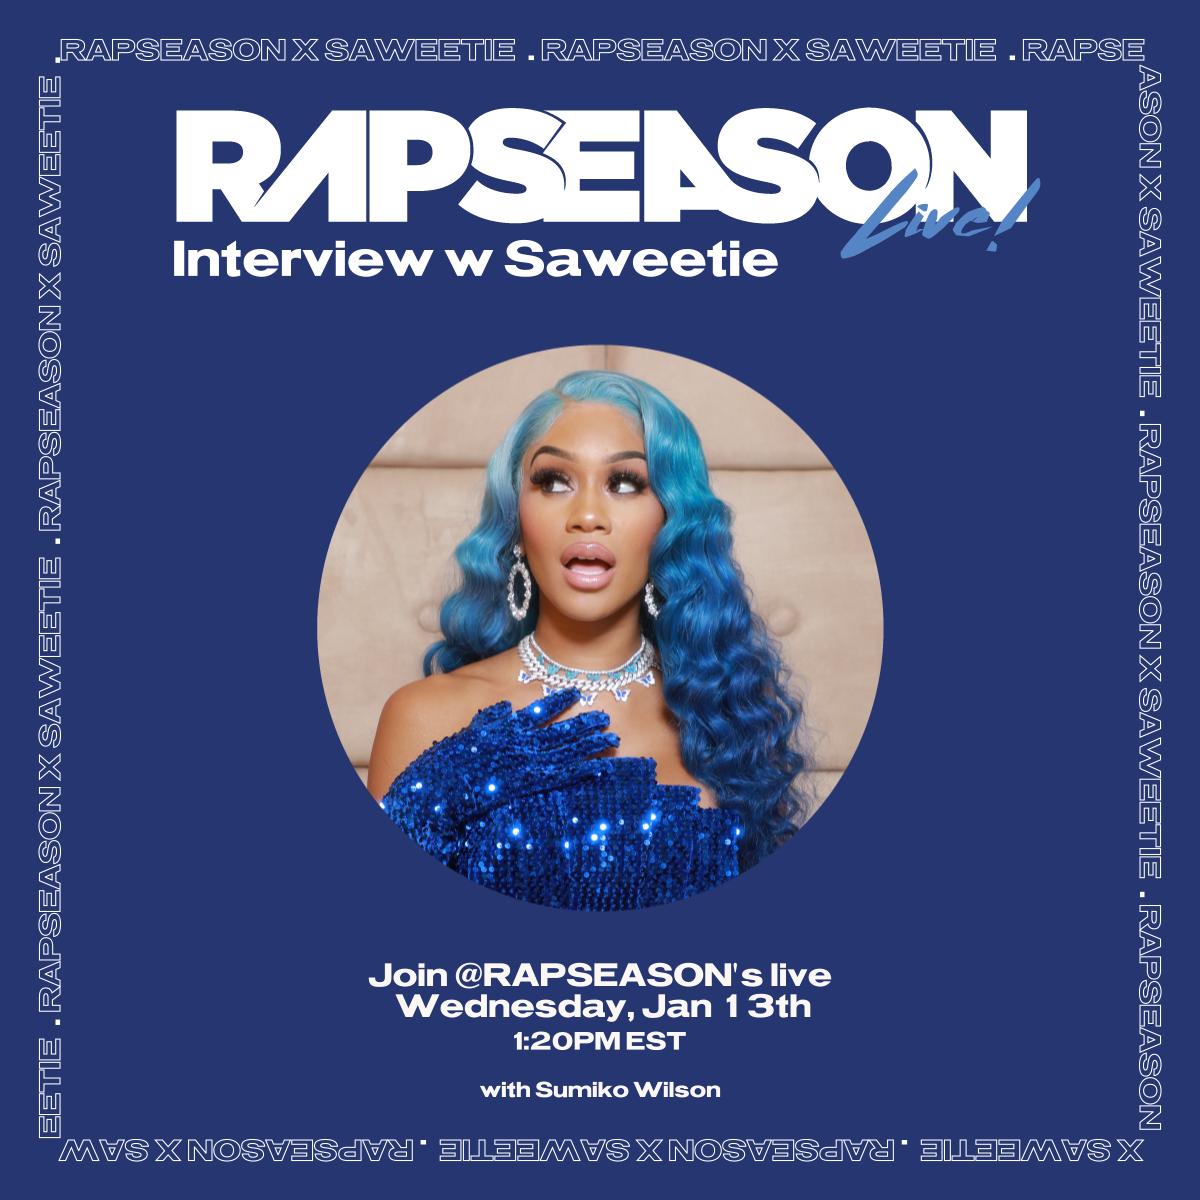 Saweetie Rapseason Poster by 13alogun